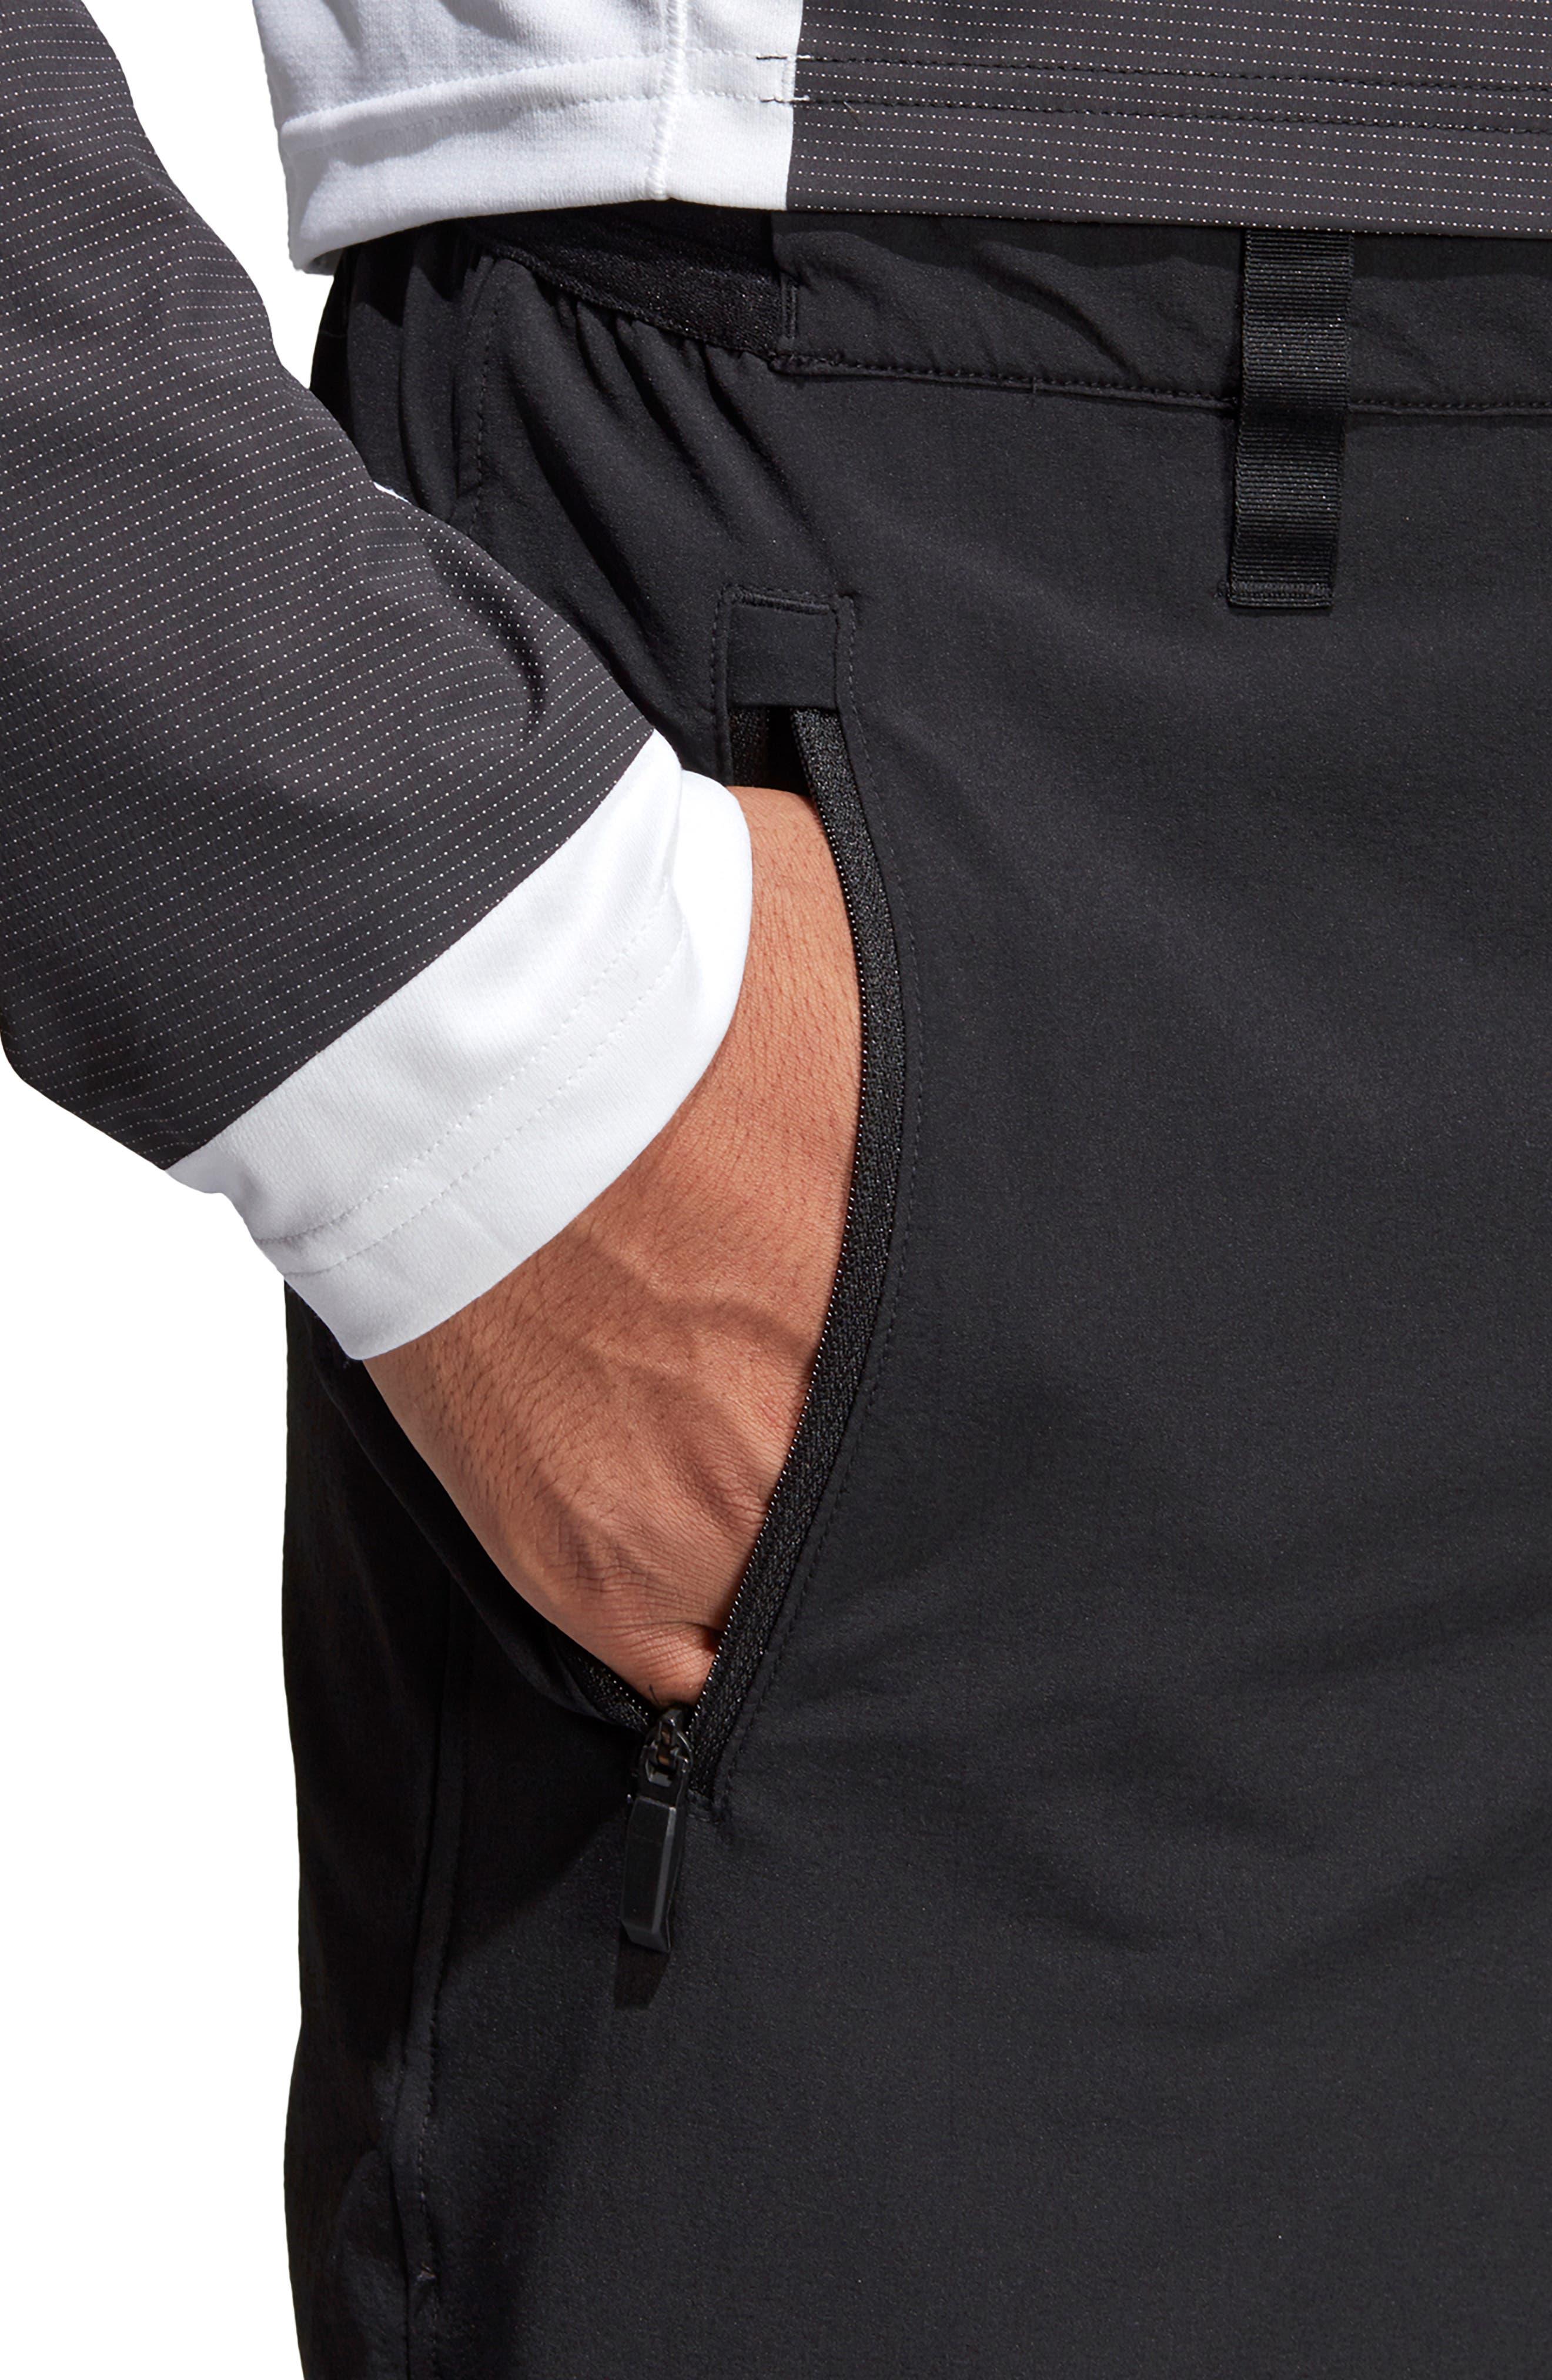 Terrex Multi Pants,                             Alternate thumbnail 6, color,                             BLACK